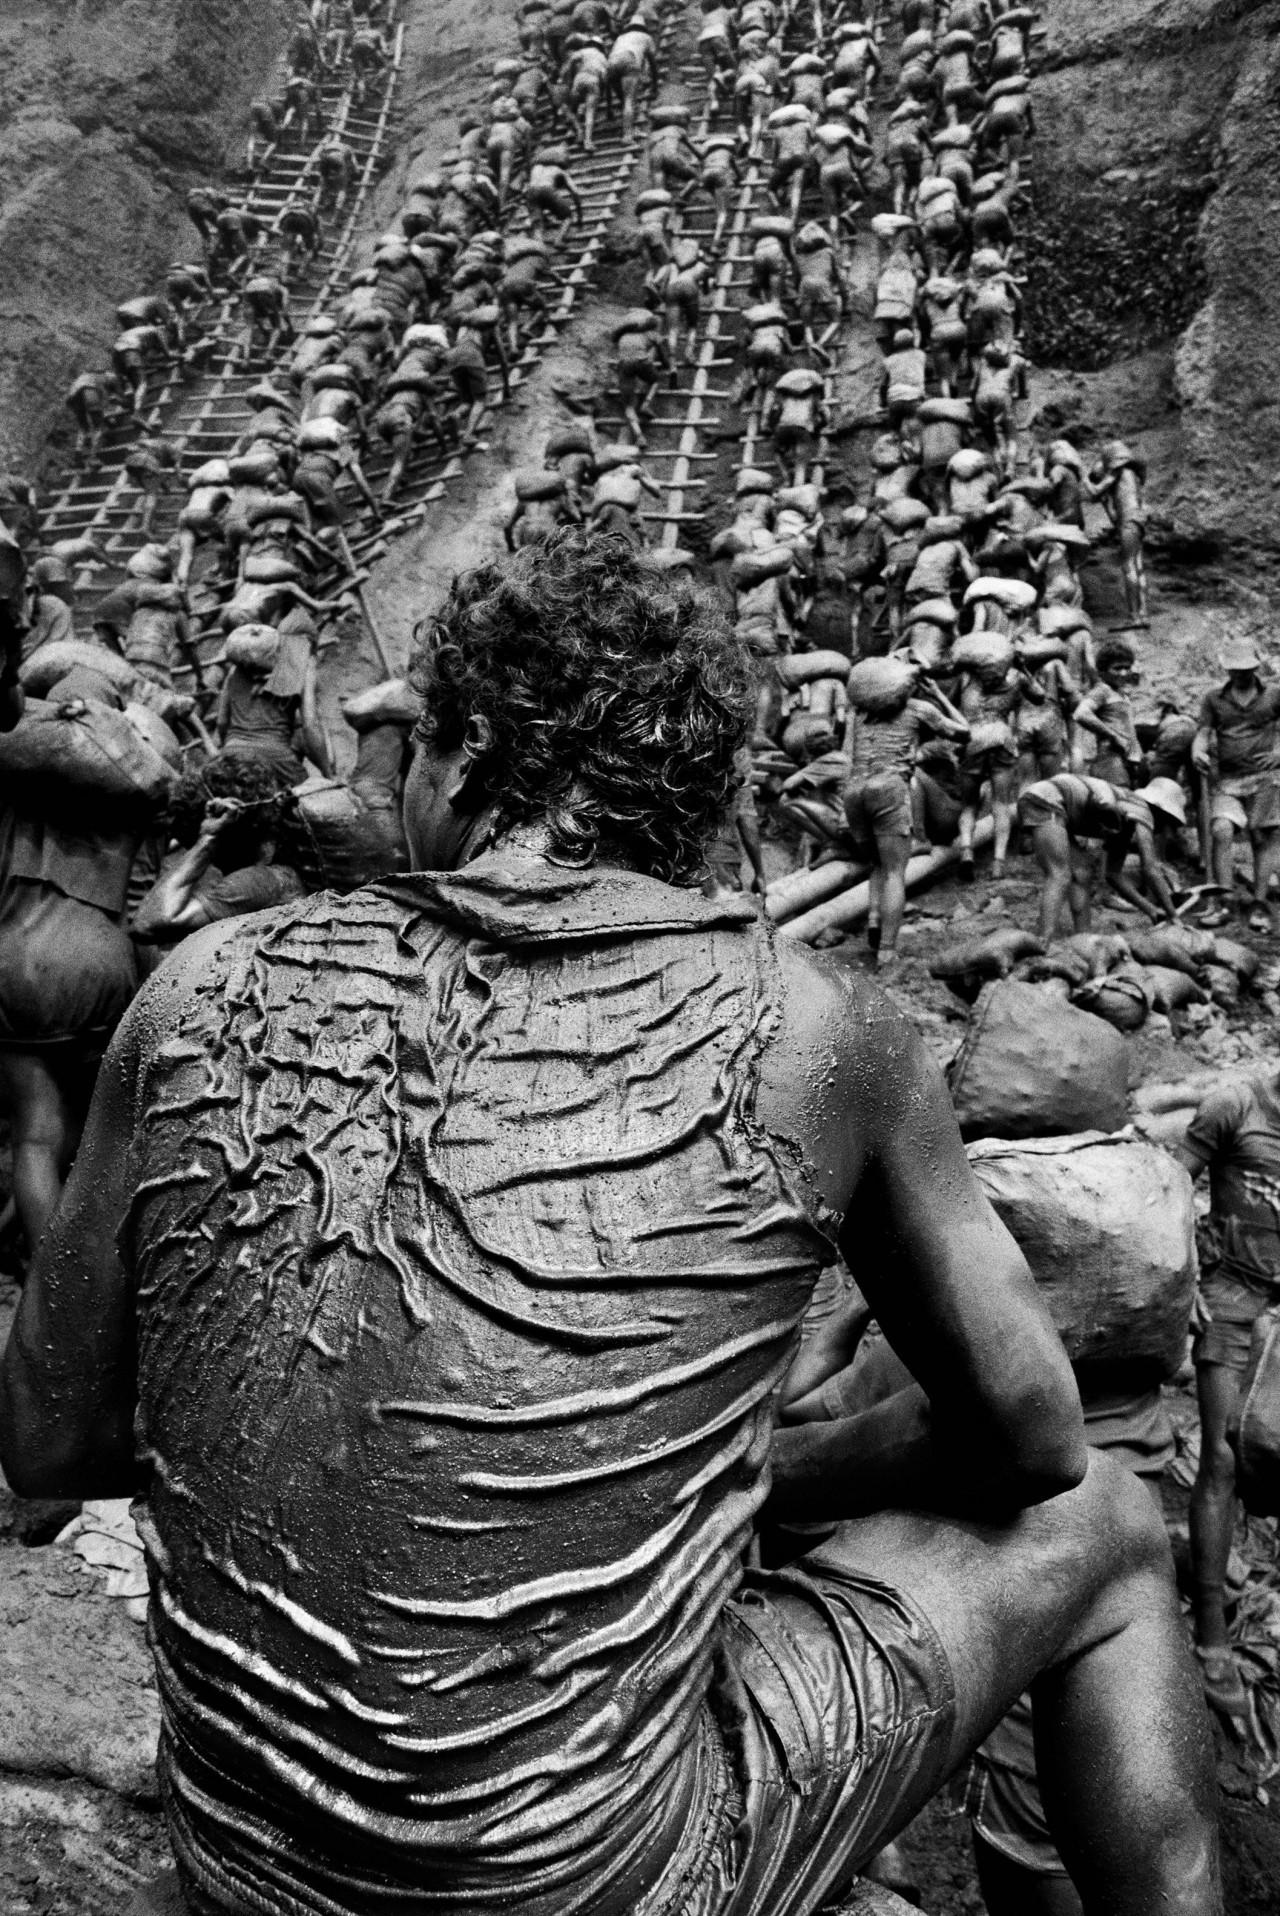 Открытый золотой рудник Серра Пелада, Бразилия, 1986. Автор Себастьян Сальгадо